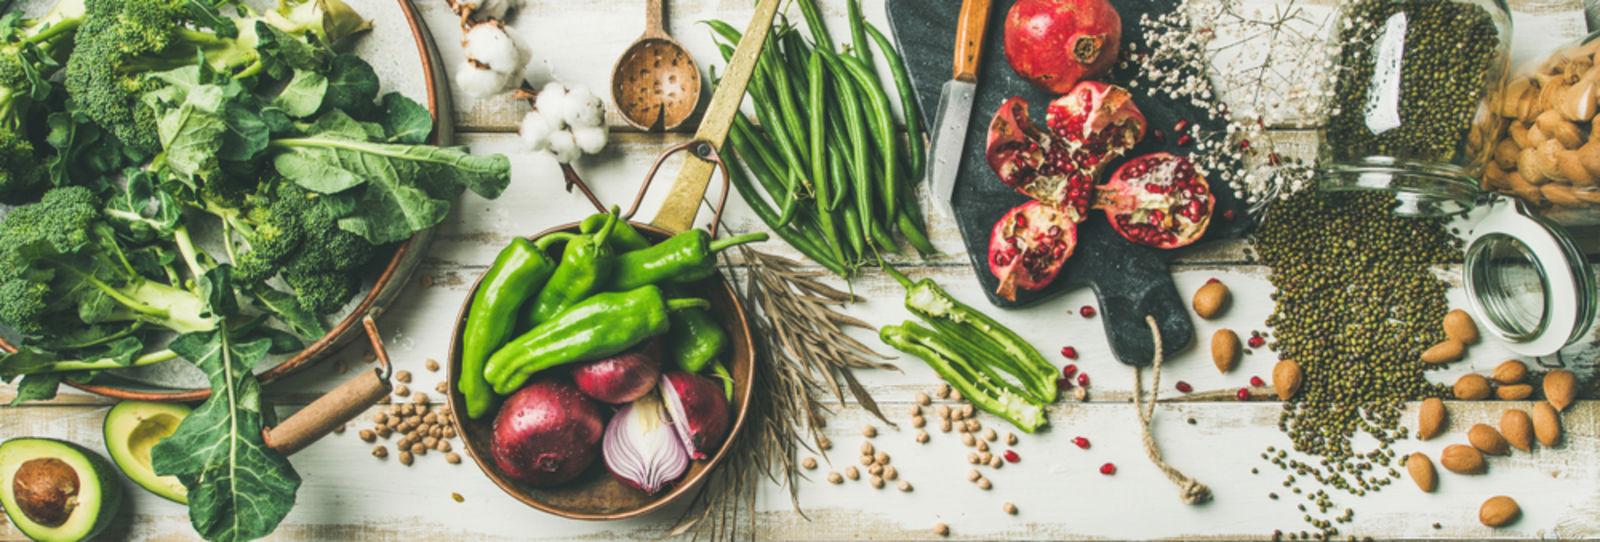 Veganes Essen mit Granatäpfeln und Peperoni